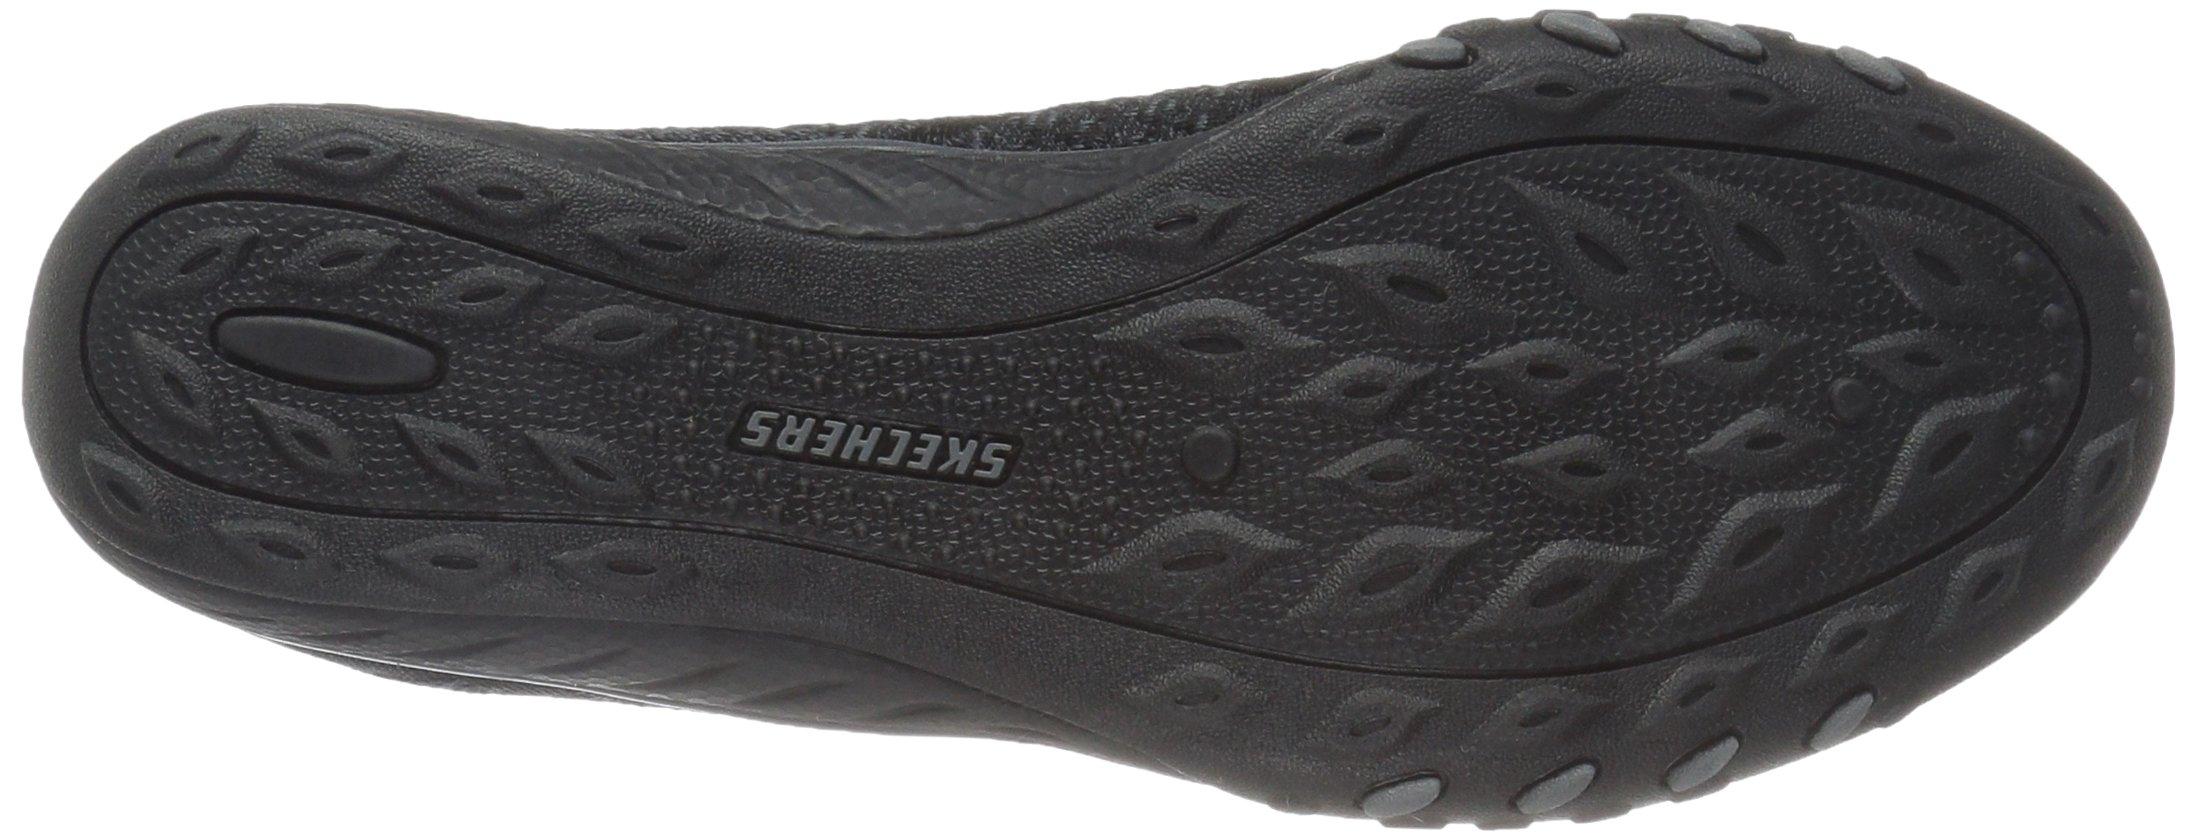 Skechers Sport Women's Breathe Easy Fortune Fashion Sneaker,Black Knit,5 M US by Skechers (Image #3)